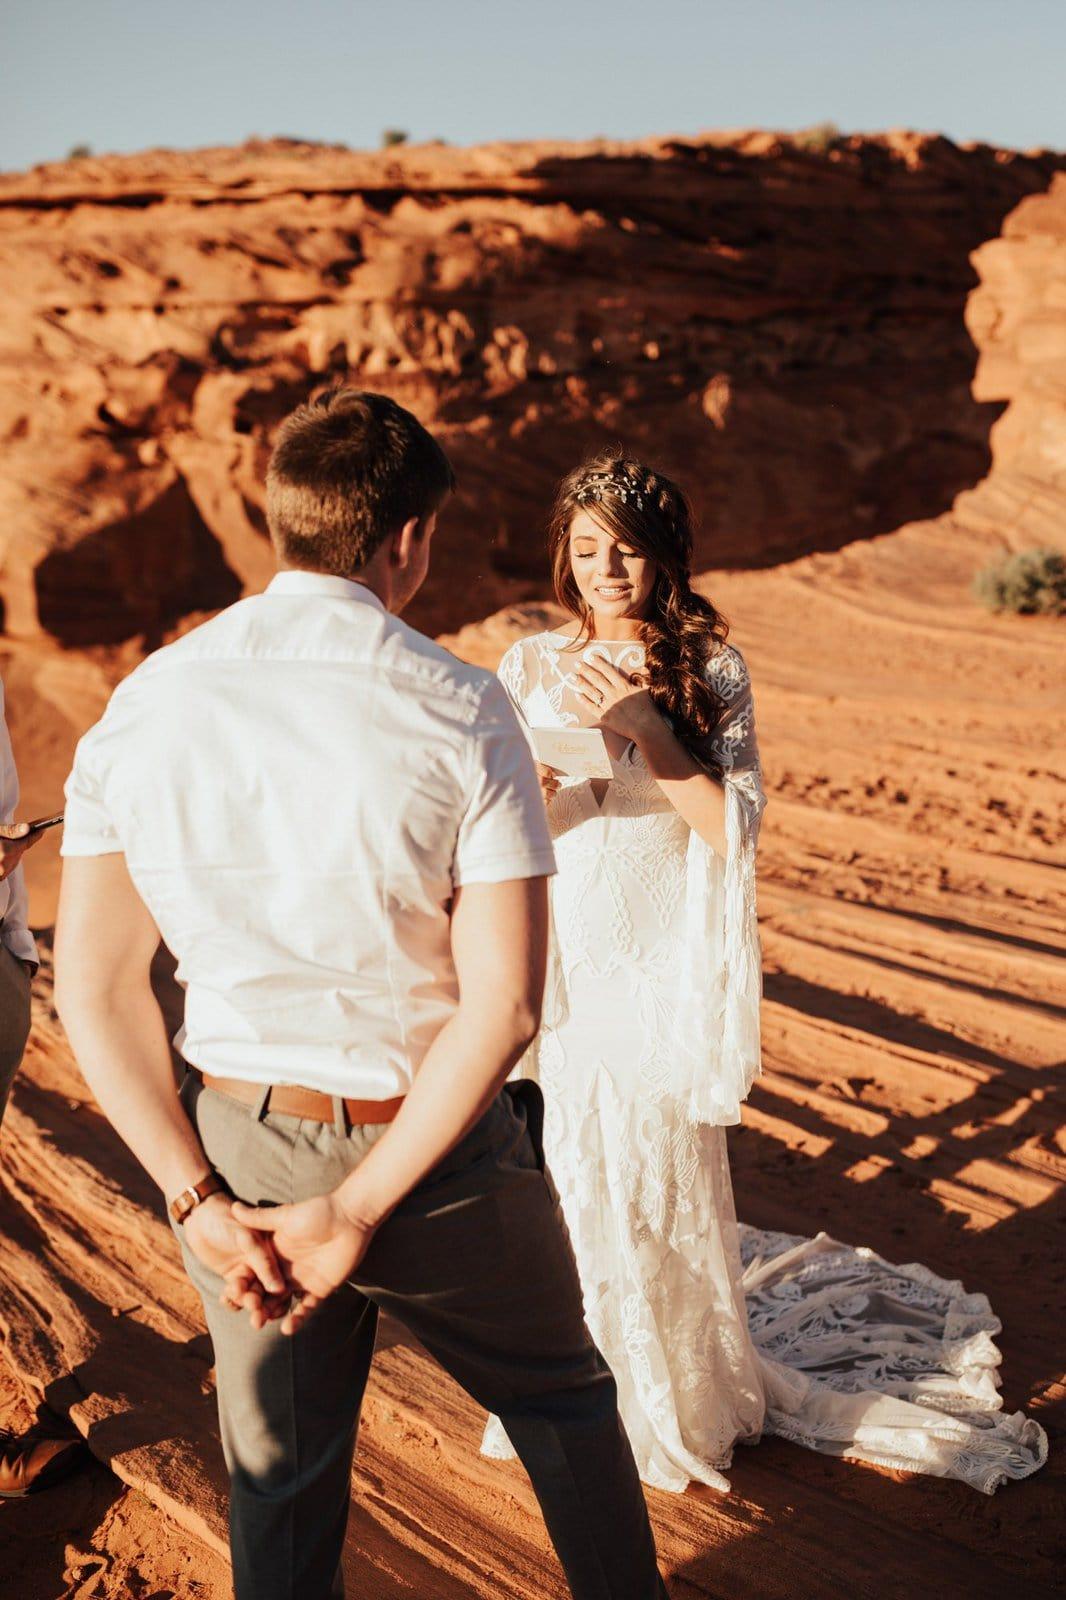 bride exchanging vows at Antelope Canyon.